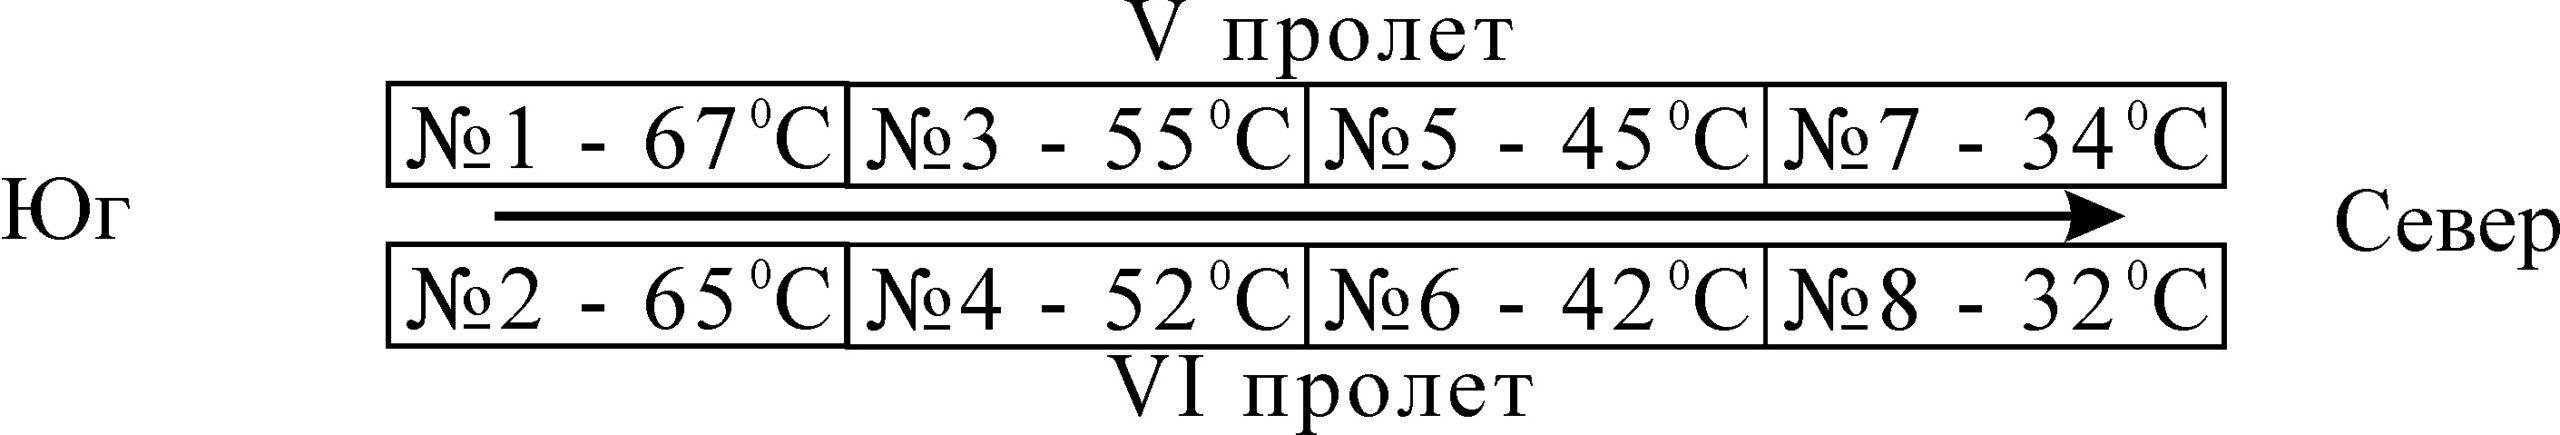 Рисунок 10 – Распределение температуры по цилиндрам вертикального перемещения